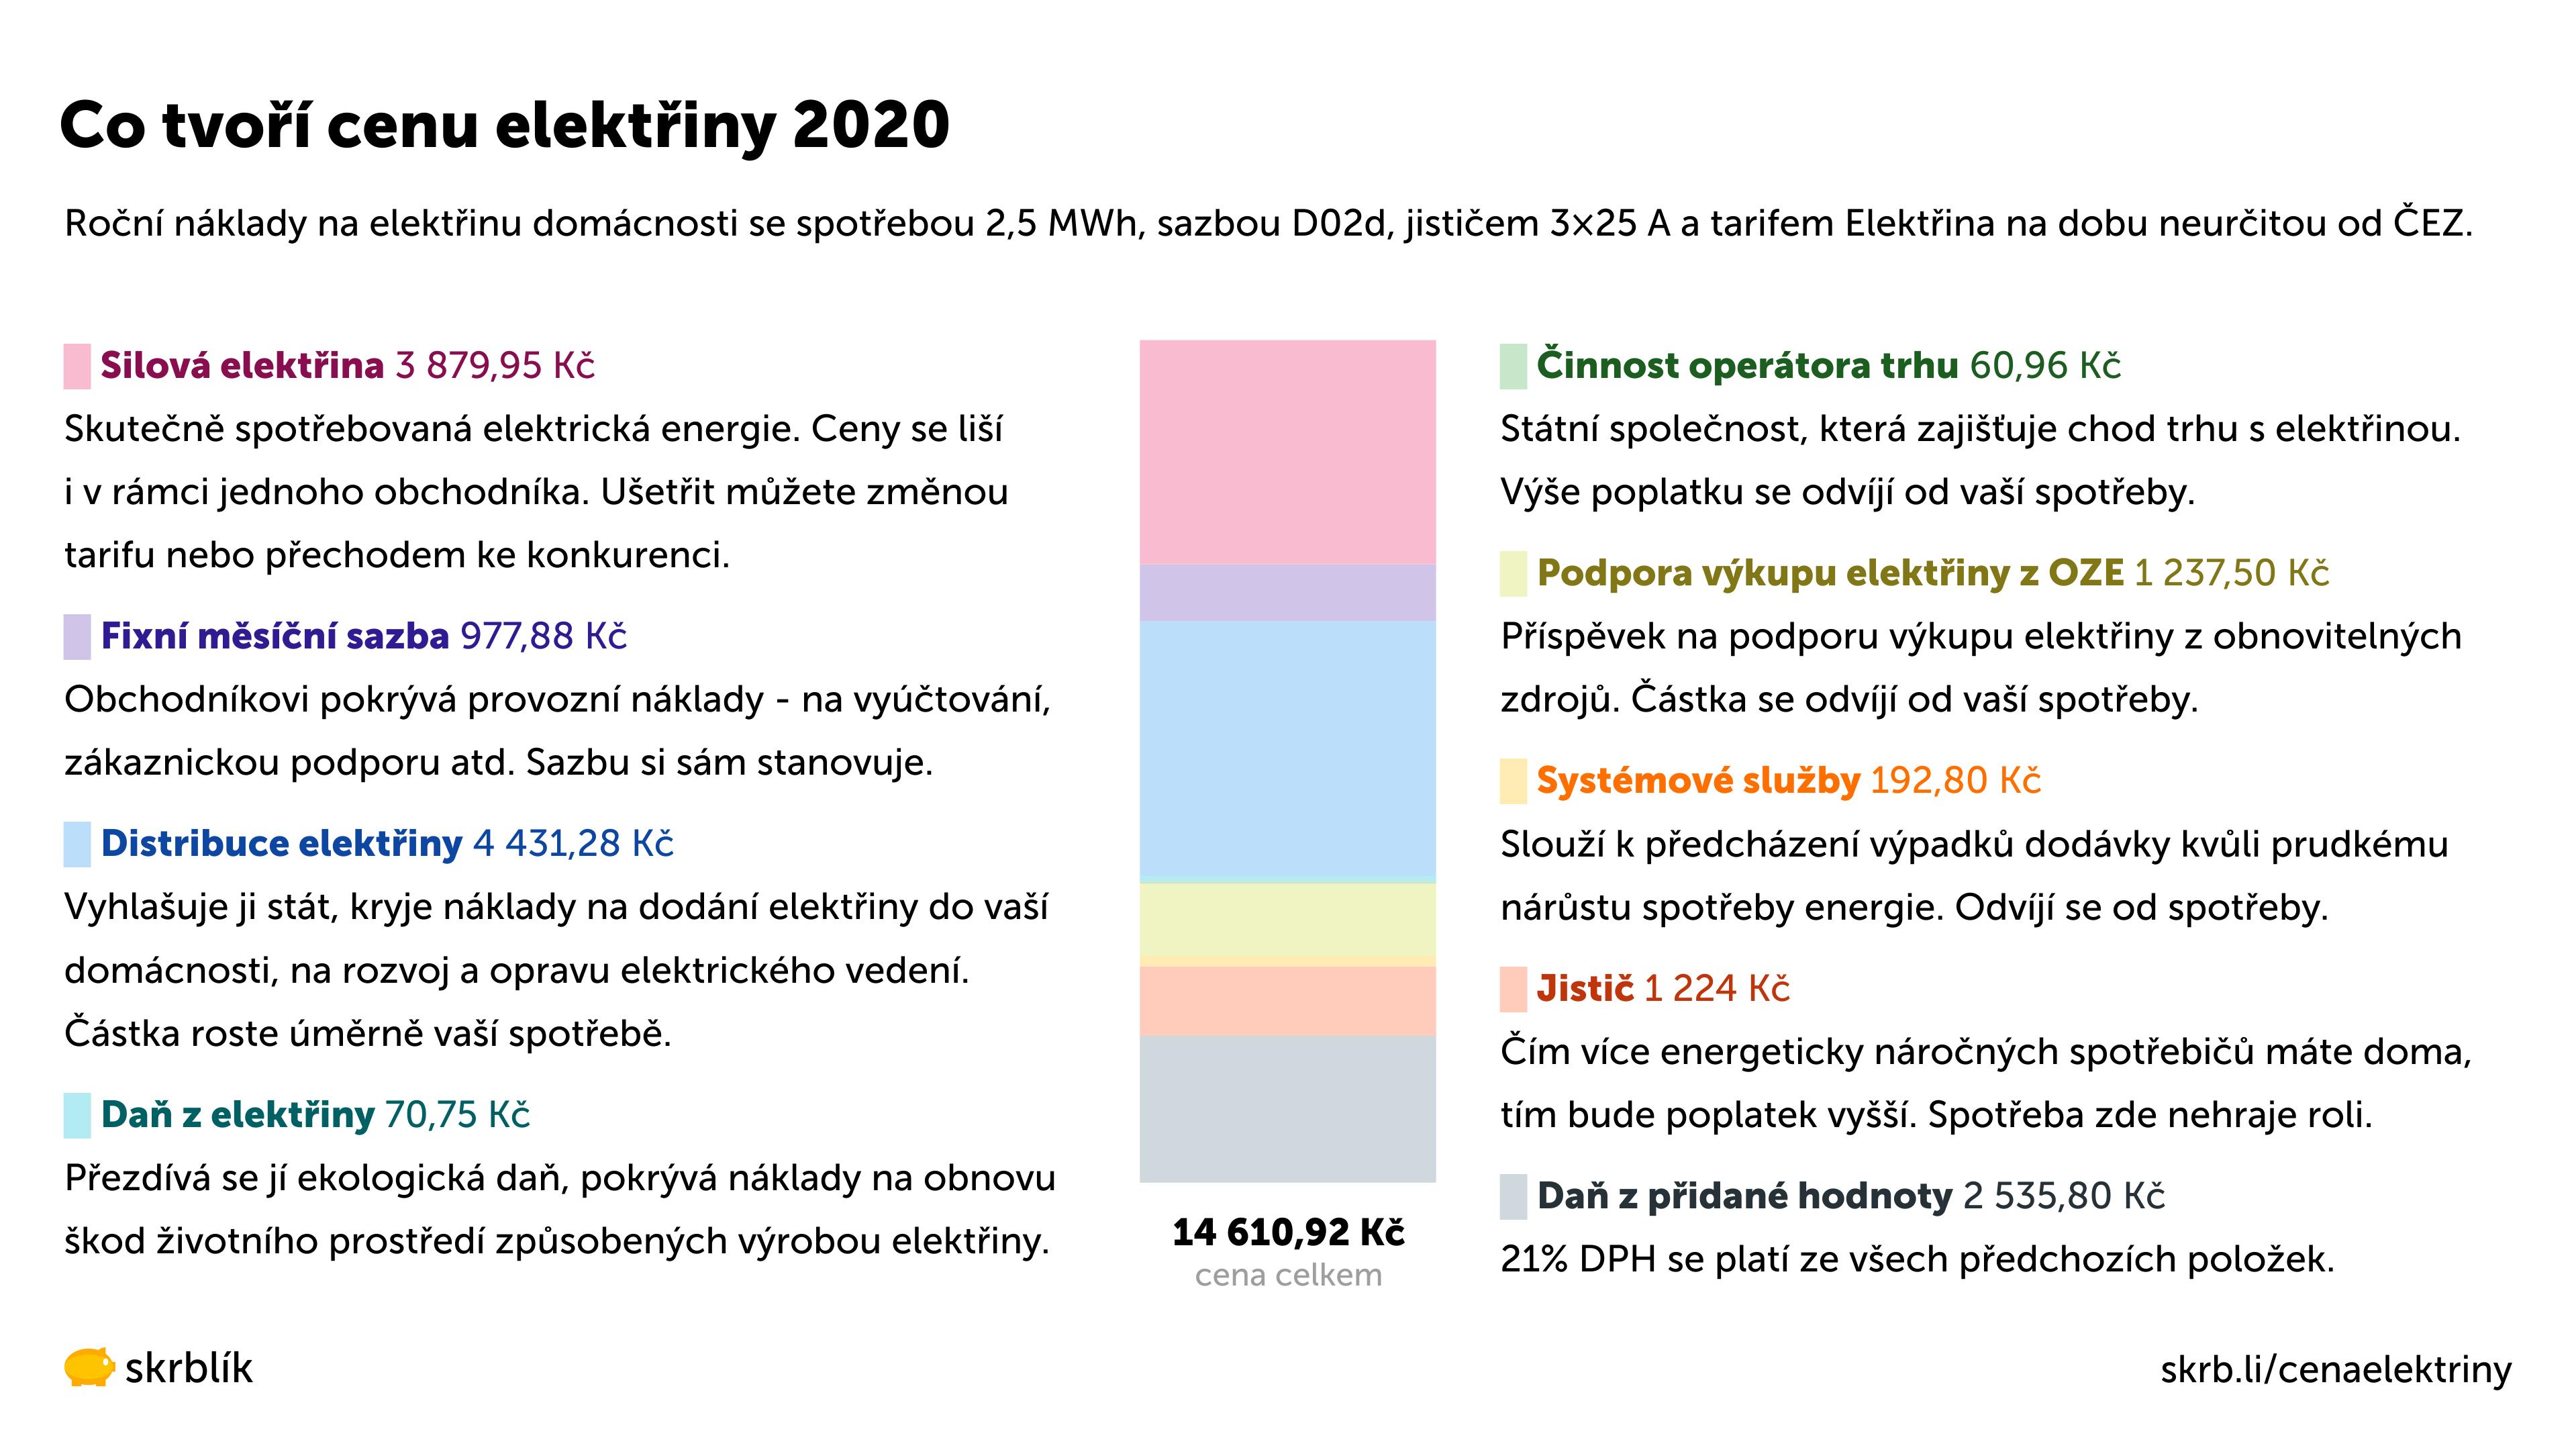 Co tvoří cenu elektřiny 2020